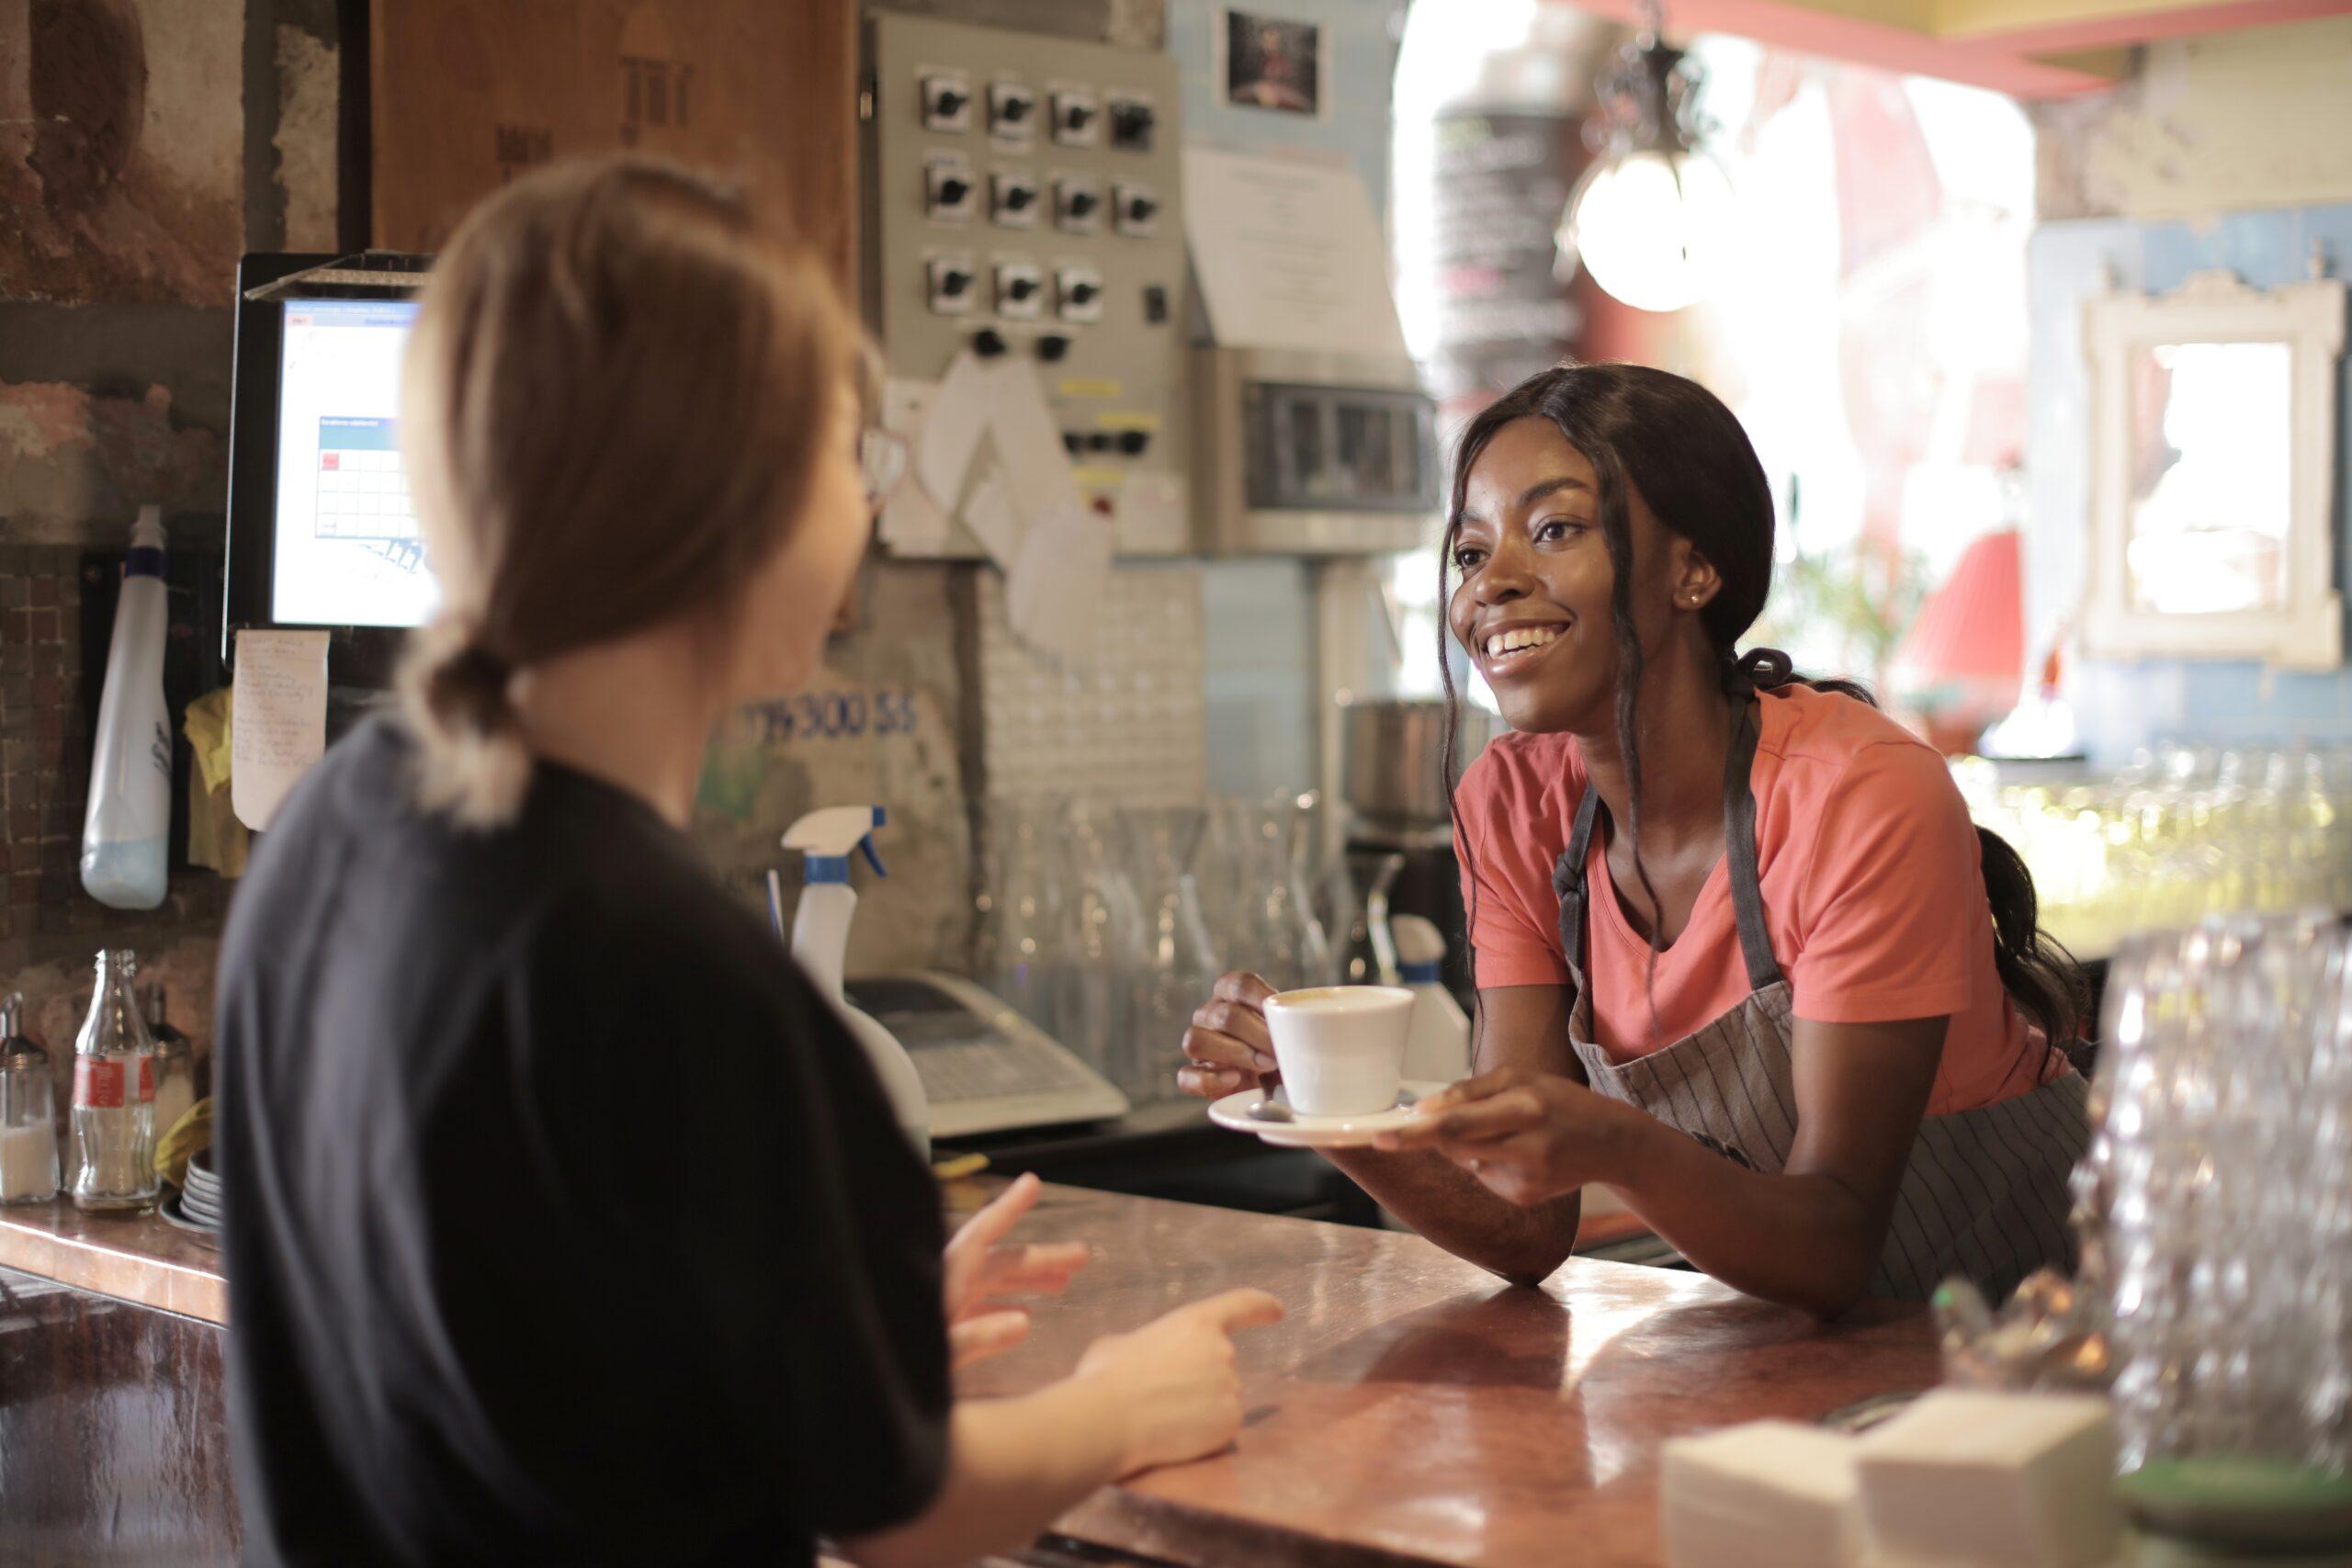 two women talking in a coffee shop